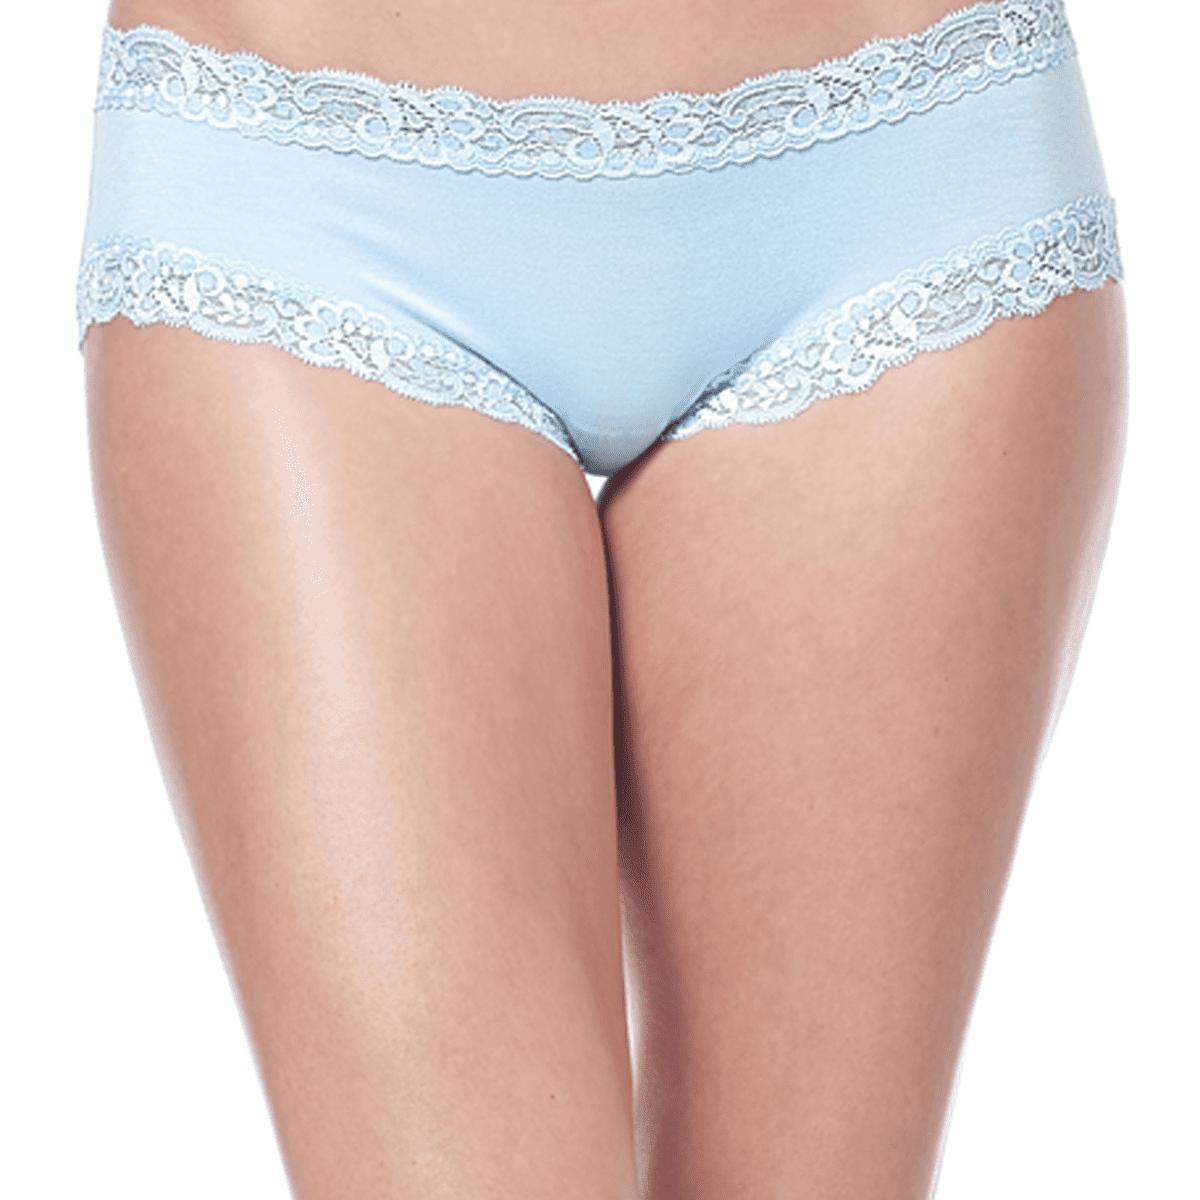 e99336e9e Top 10 Comfortable Boy Shorts